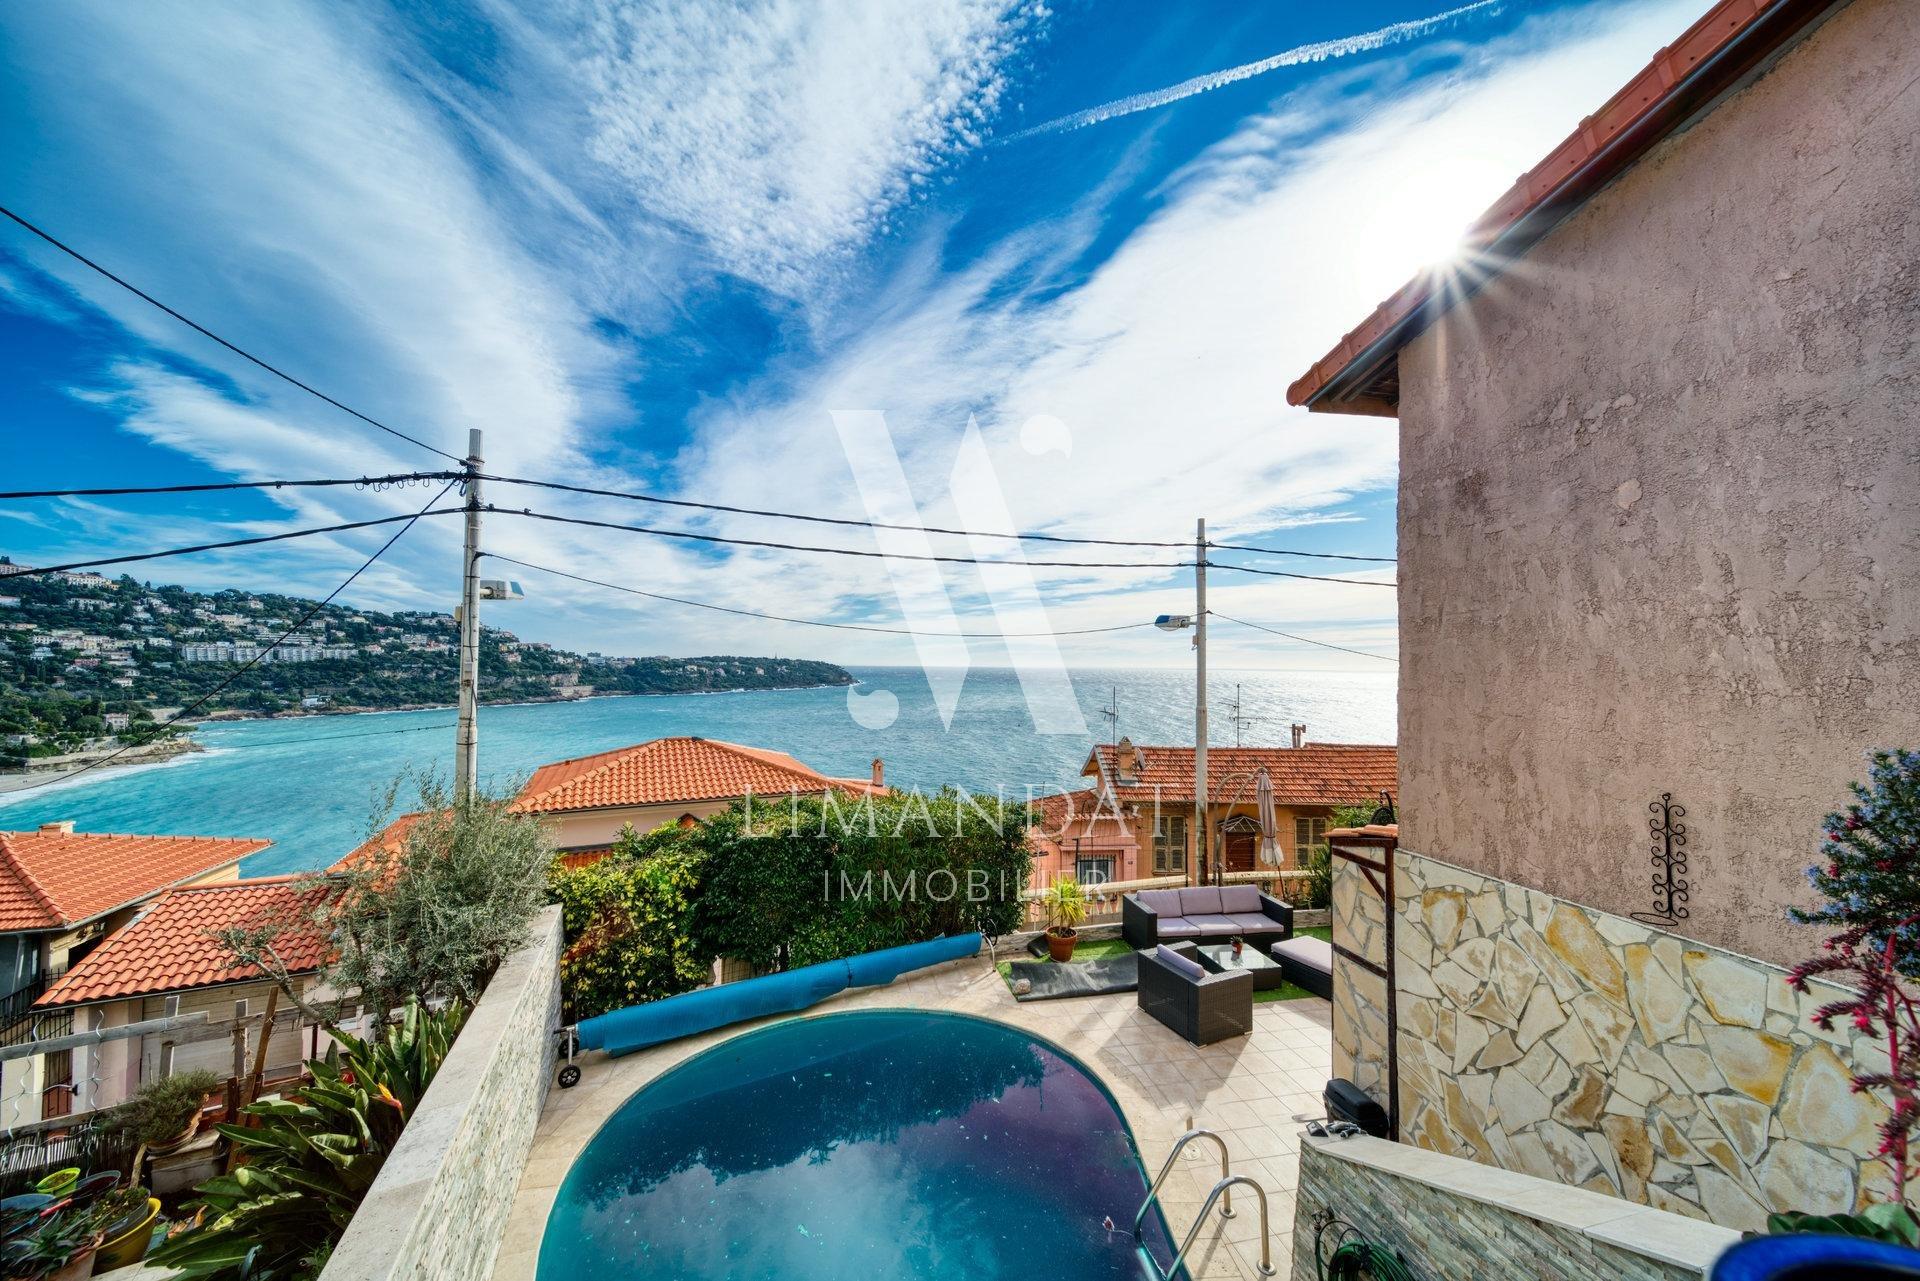 Roquebrune Cap Martin - villa 149 m2 piscine vue mer